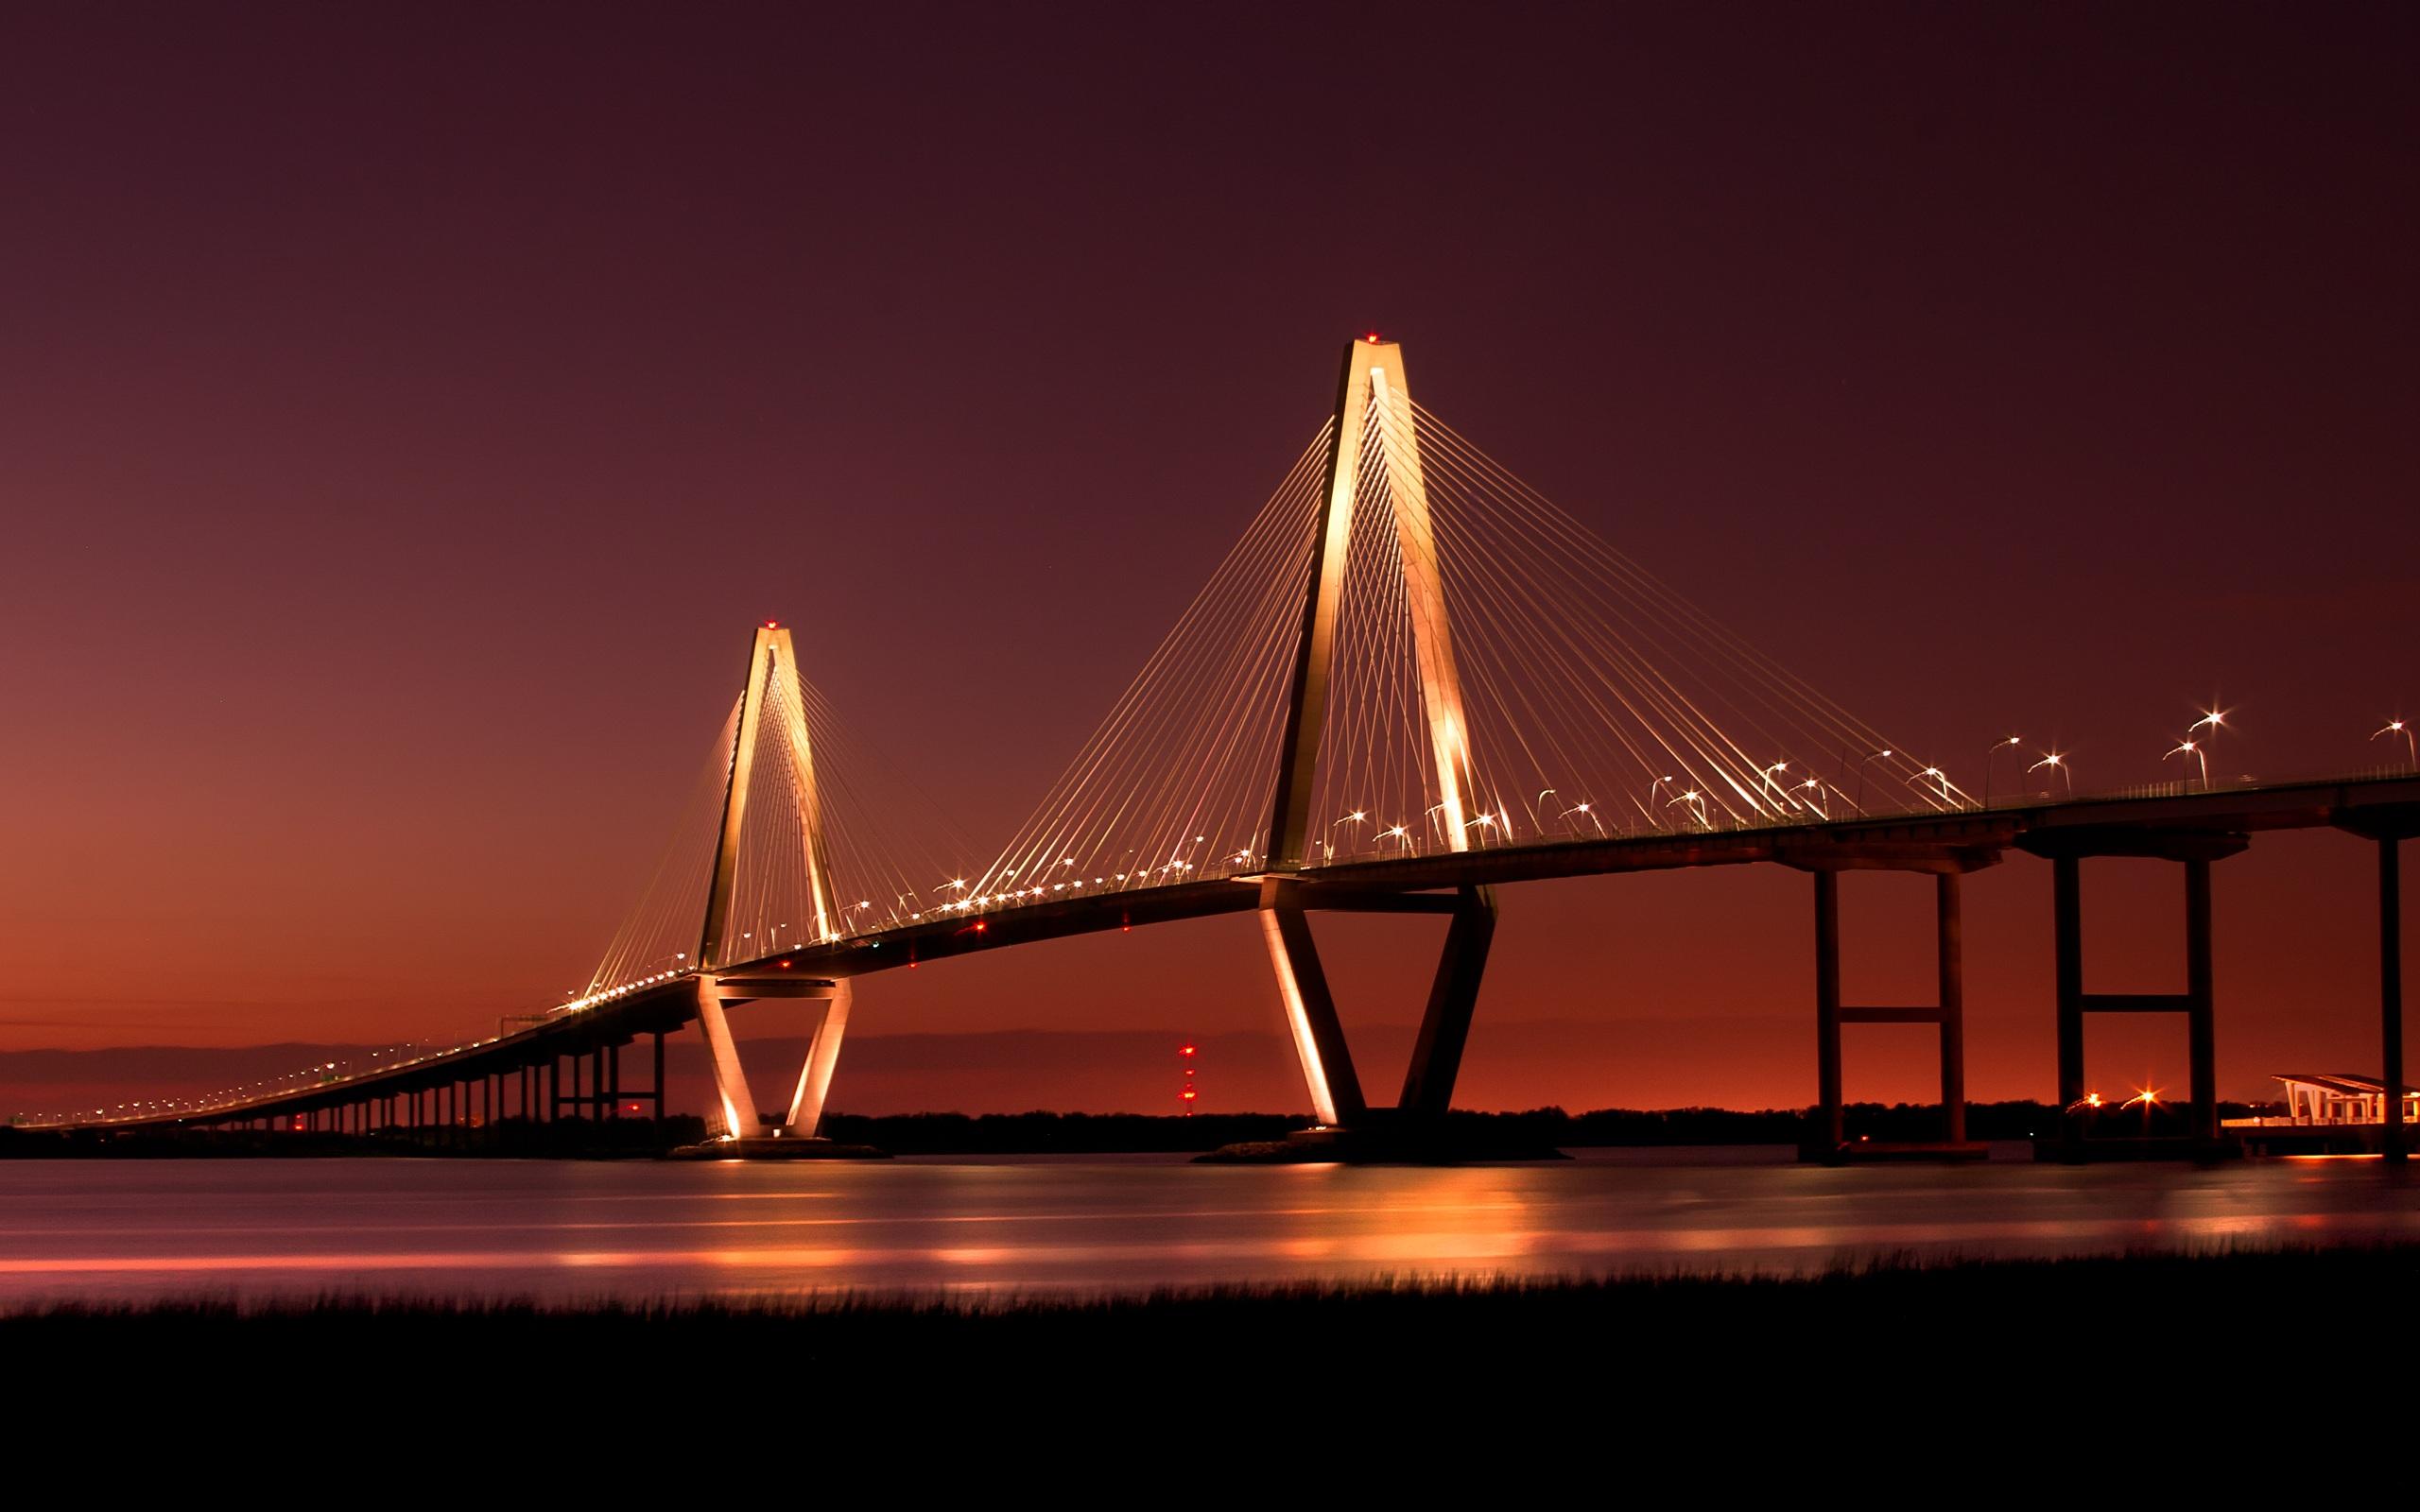 HD Wallpapers Beautiful Bridges wallpaper free - Cooper River Bridge